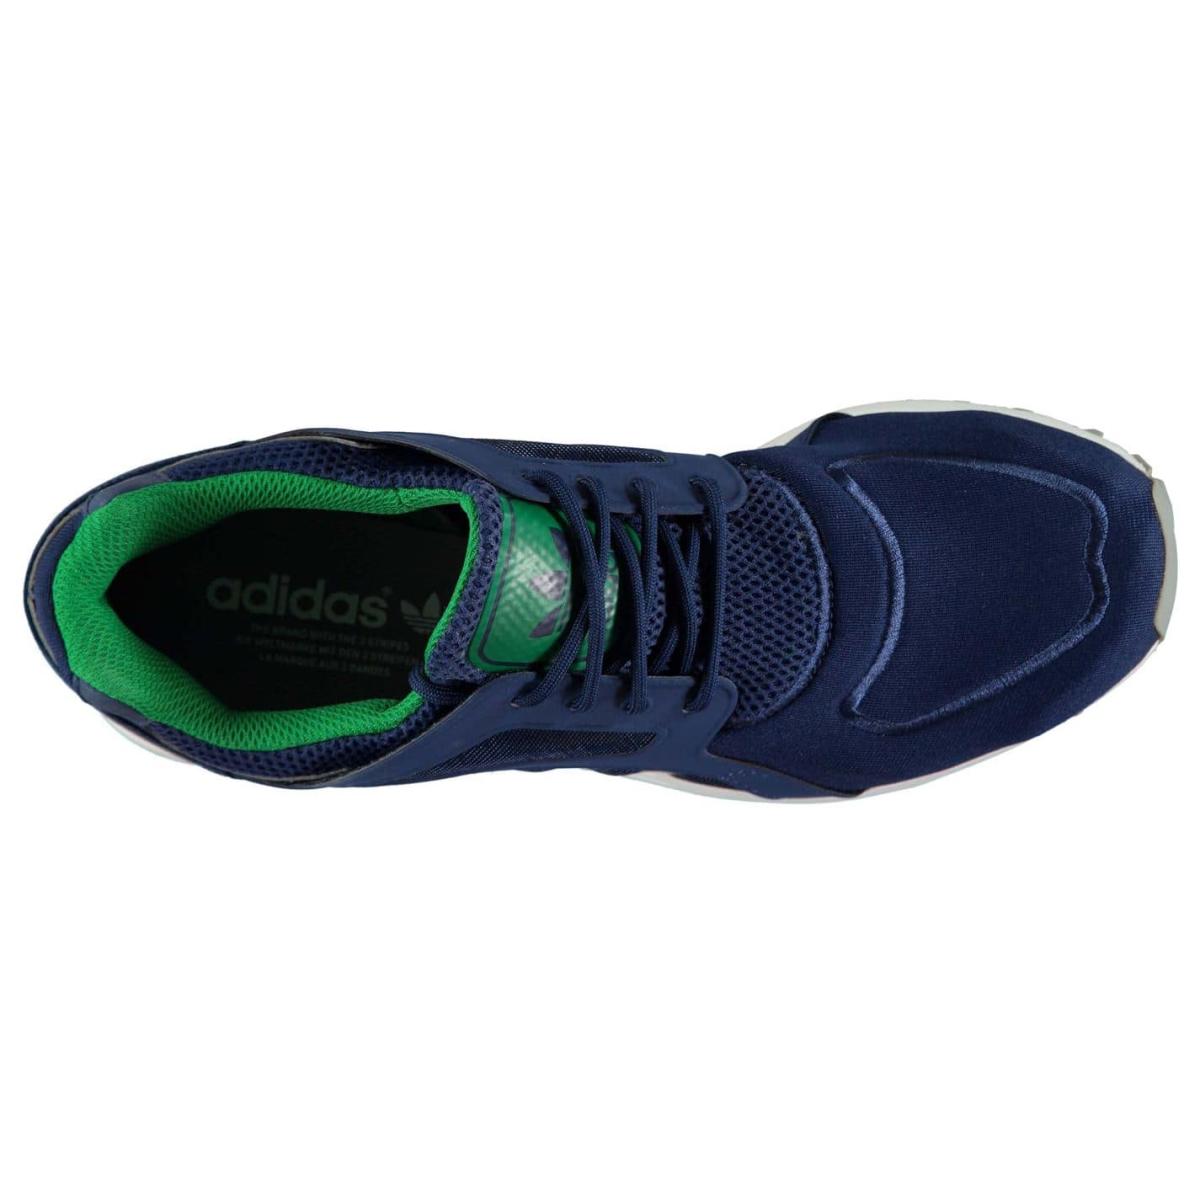 adidas Originals Herren Turnschuhe Racer